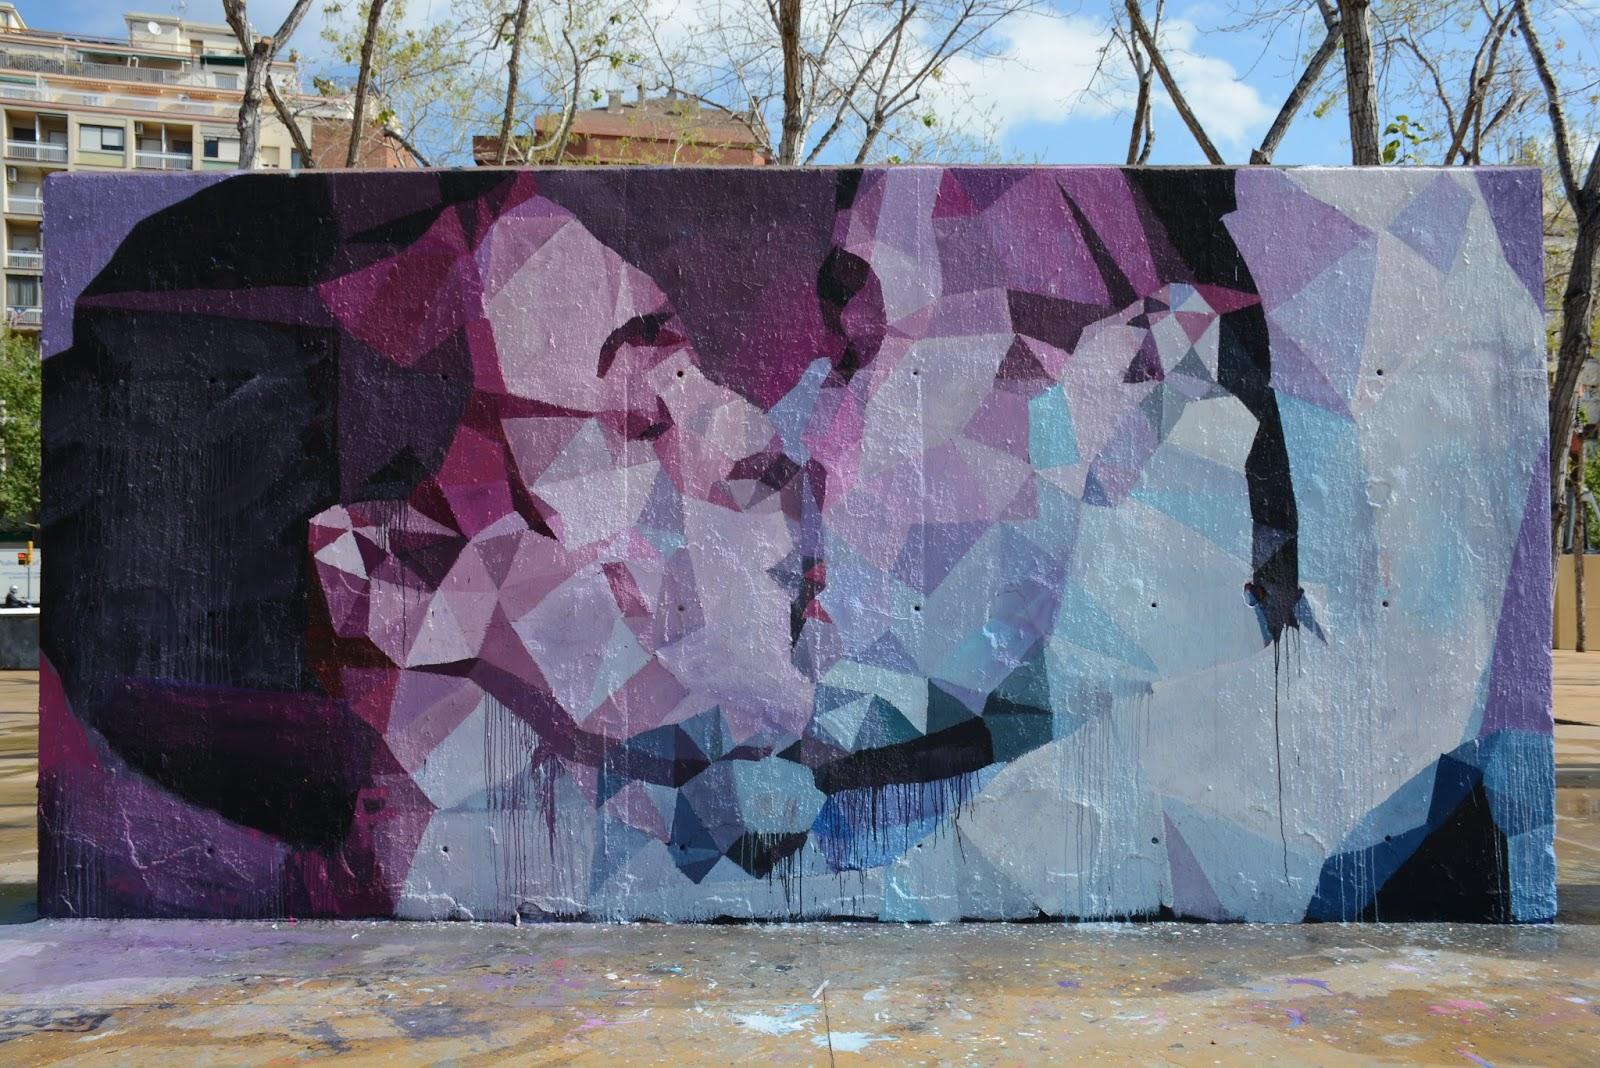 Uriginal, arte urbano en las 3 chimeneas